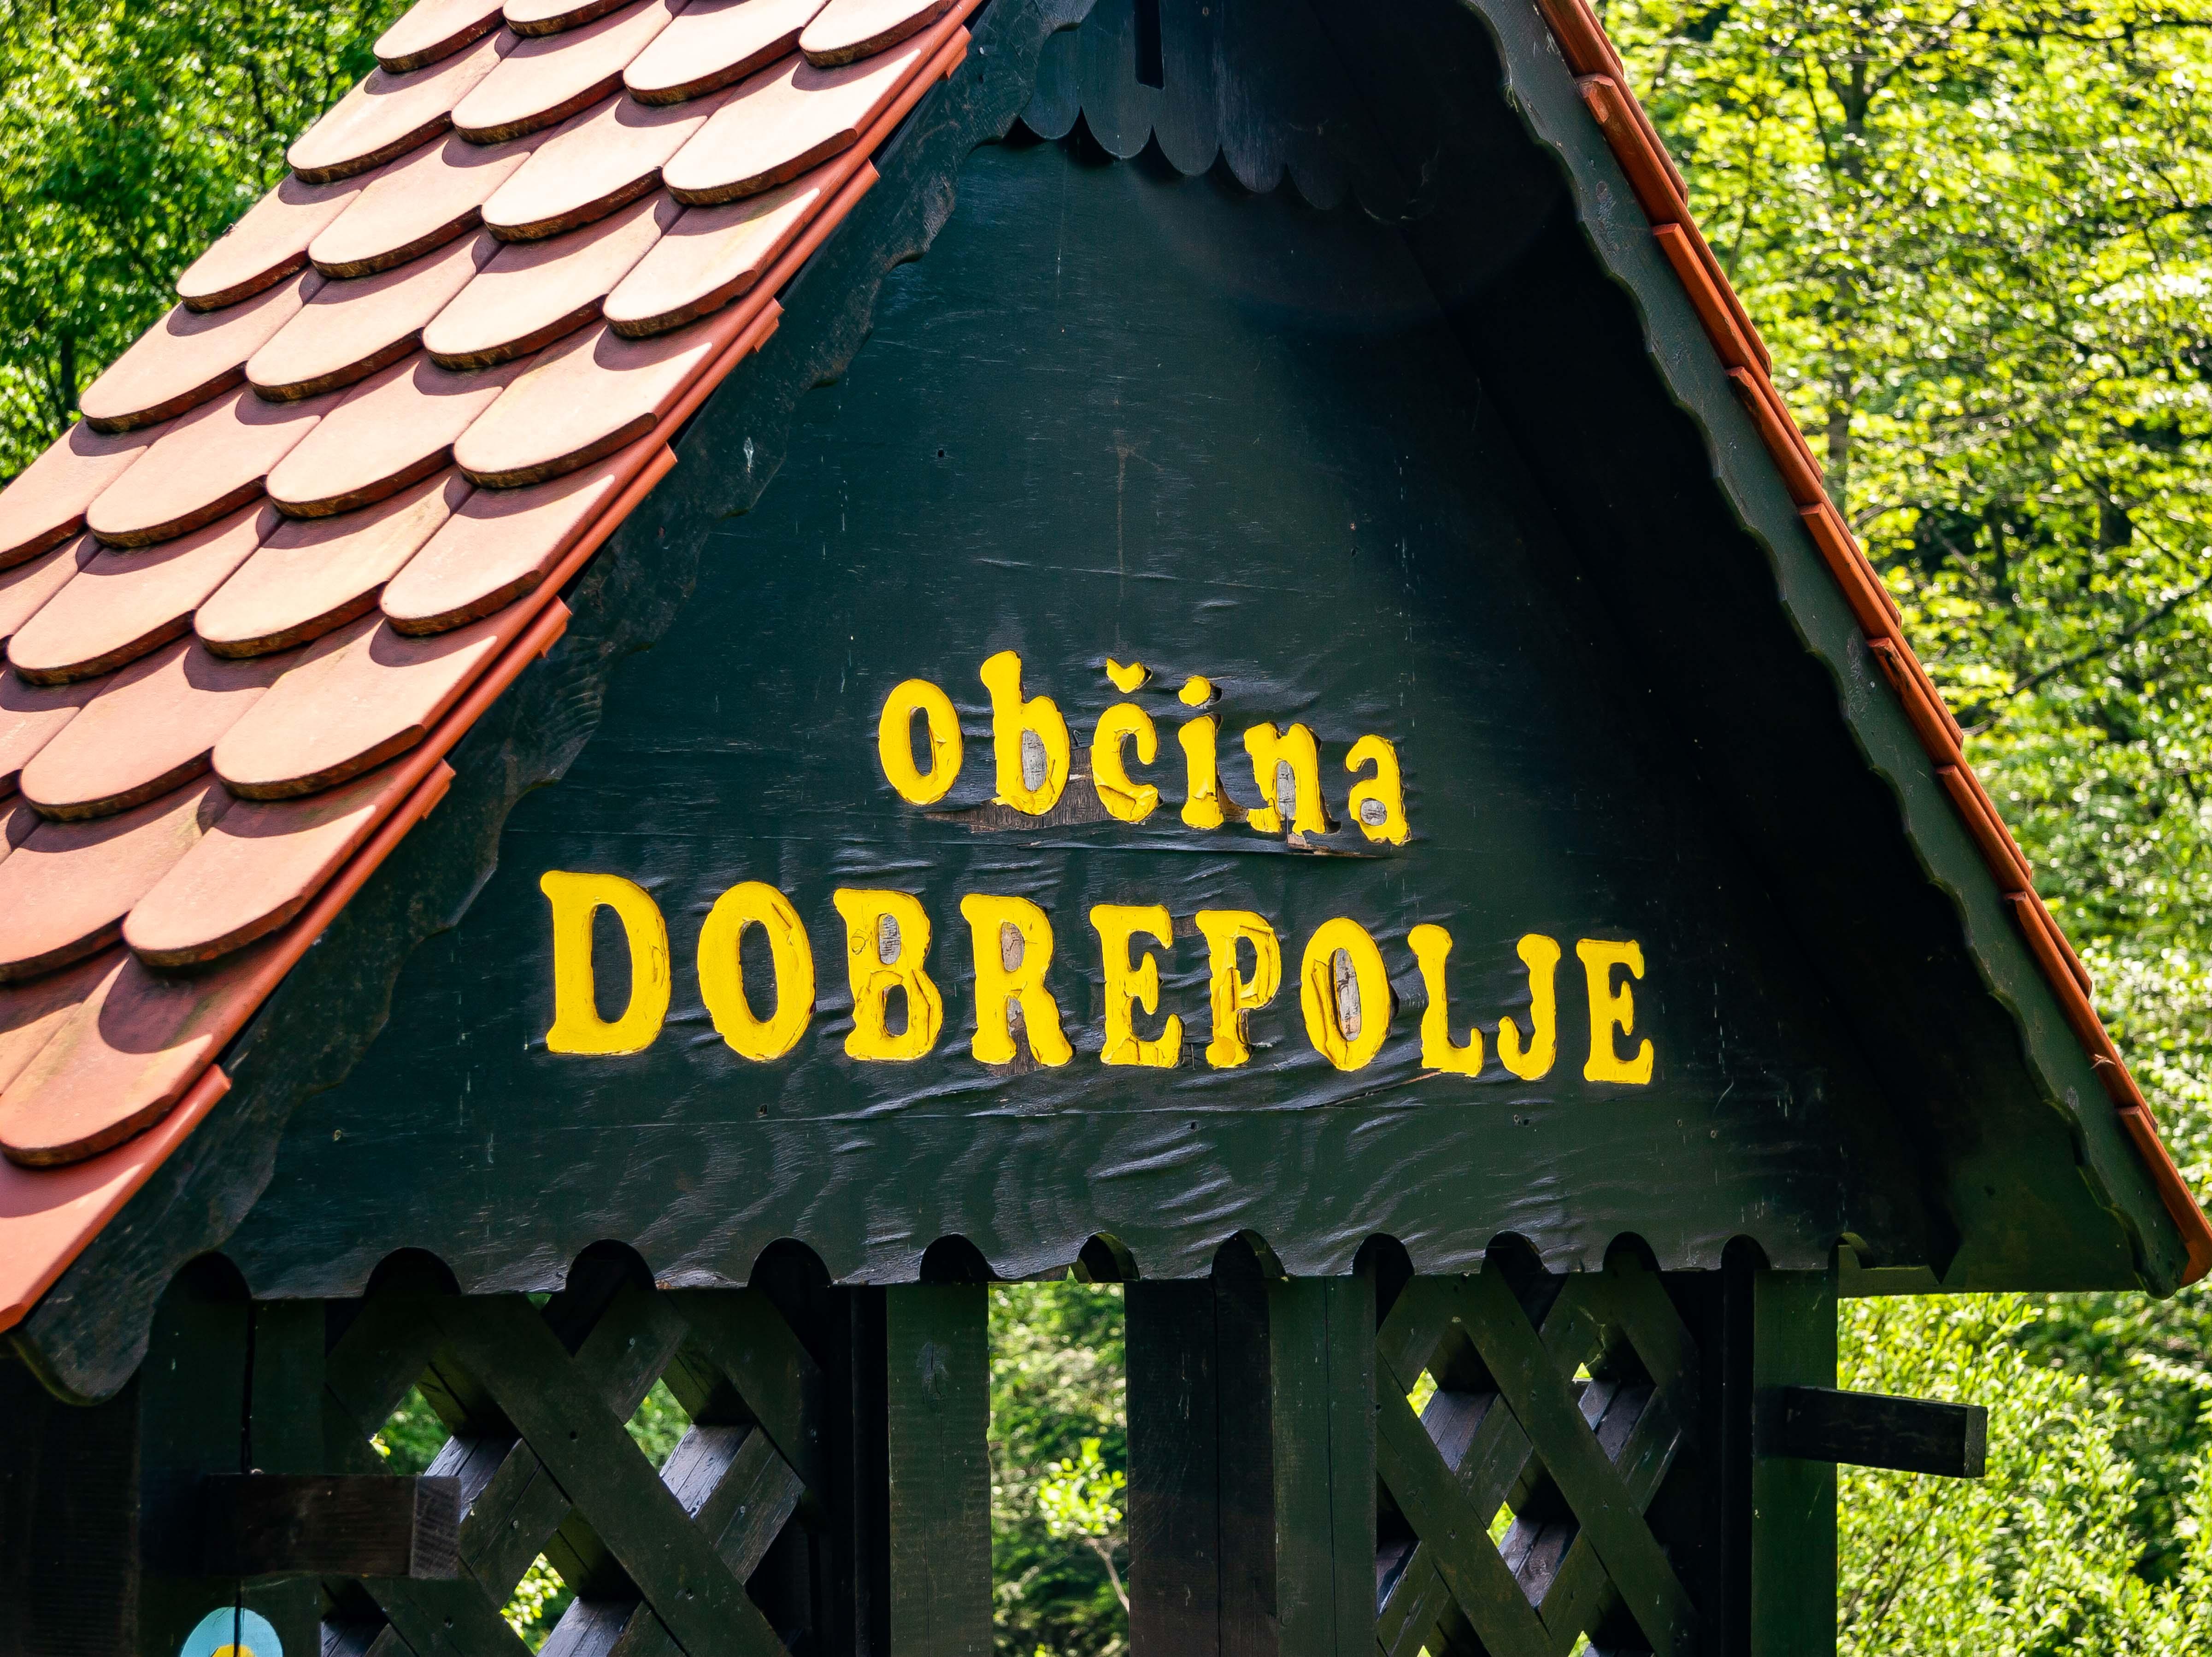 Slovenia, Dobrepolje Prov, Obcina Dobrepolje, 2006, IMG 7219